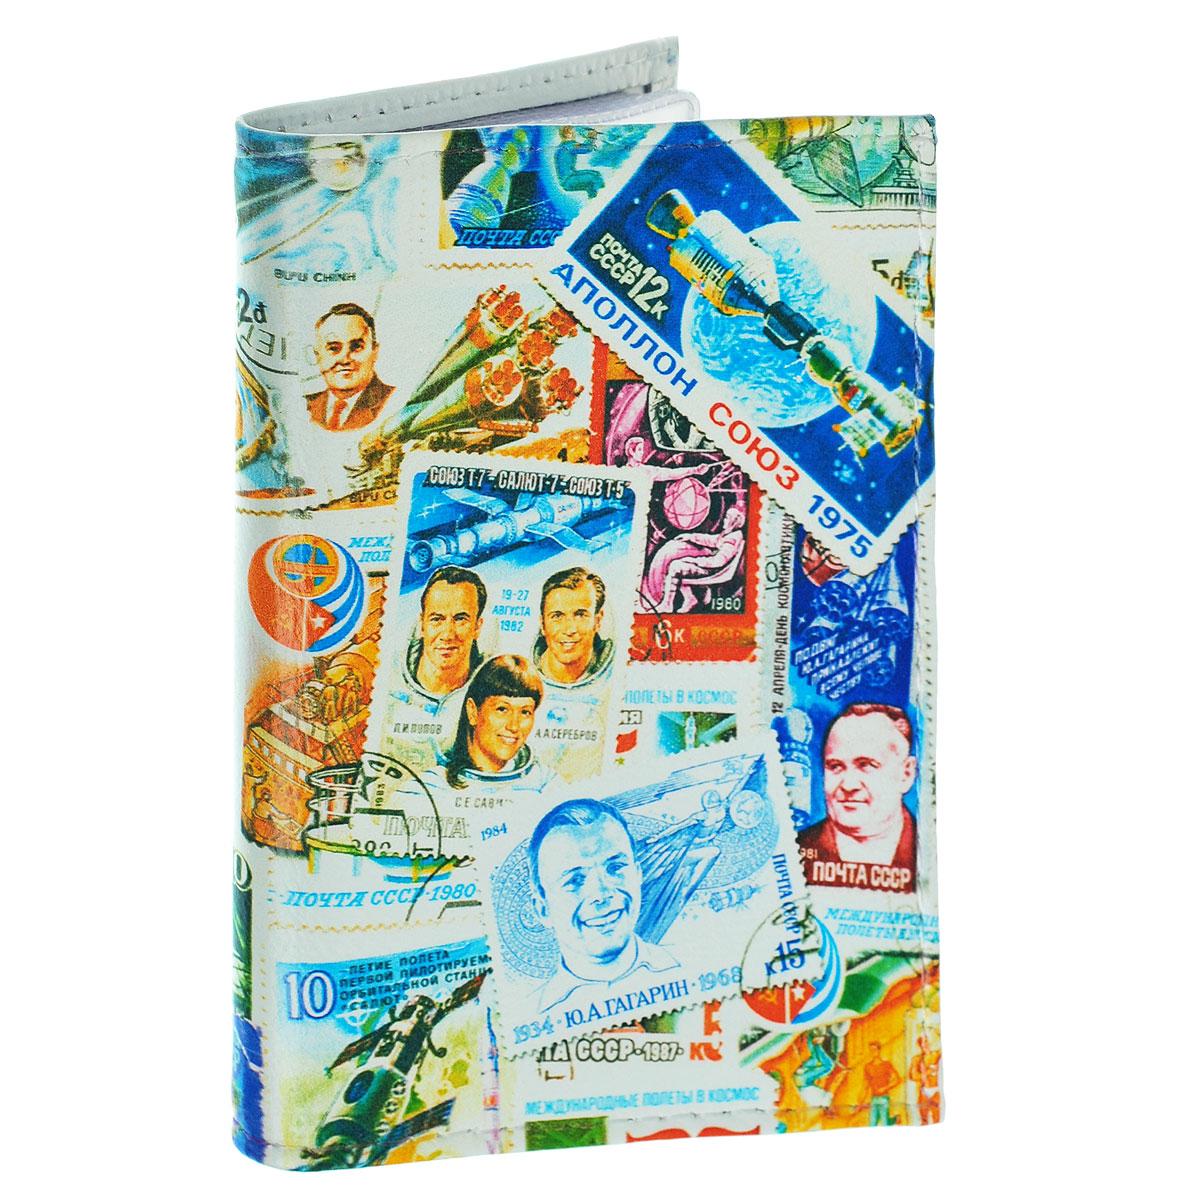 Обложка для автодокументов Космос (марки). AUTO271AUTO271Обложка для автодокументов Mitya Veselkov Космос. Марки изготовлена из натуральной кожи и оформлена изображениями почтовых марок с космической тематикой. На внутреннем развороте имеются съемный блок из шести прозрачных файлов из мягкого пластика для водительских документов, один из которых формата А5, а также два боковых кармашка для визиток или банковских карт.Стильная обложка не только поможет сохранить внешний вид ваших документов и защитит их отгрязи и пыли, но и станет аксессуаром, который подчеркнет вашу яркую индивидуальность.